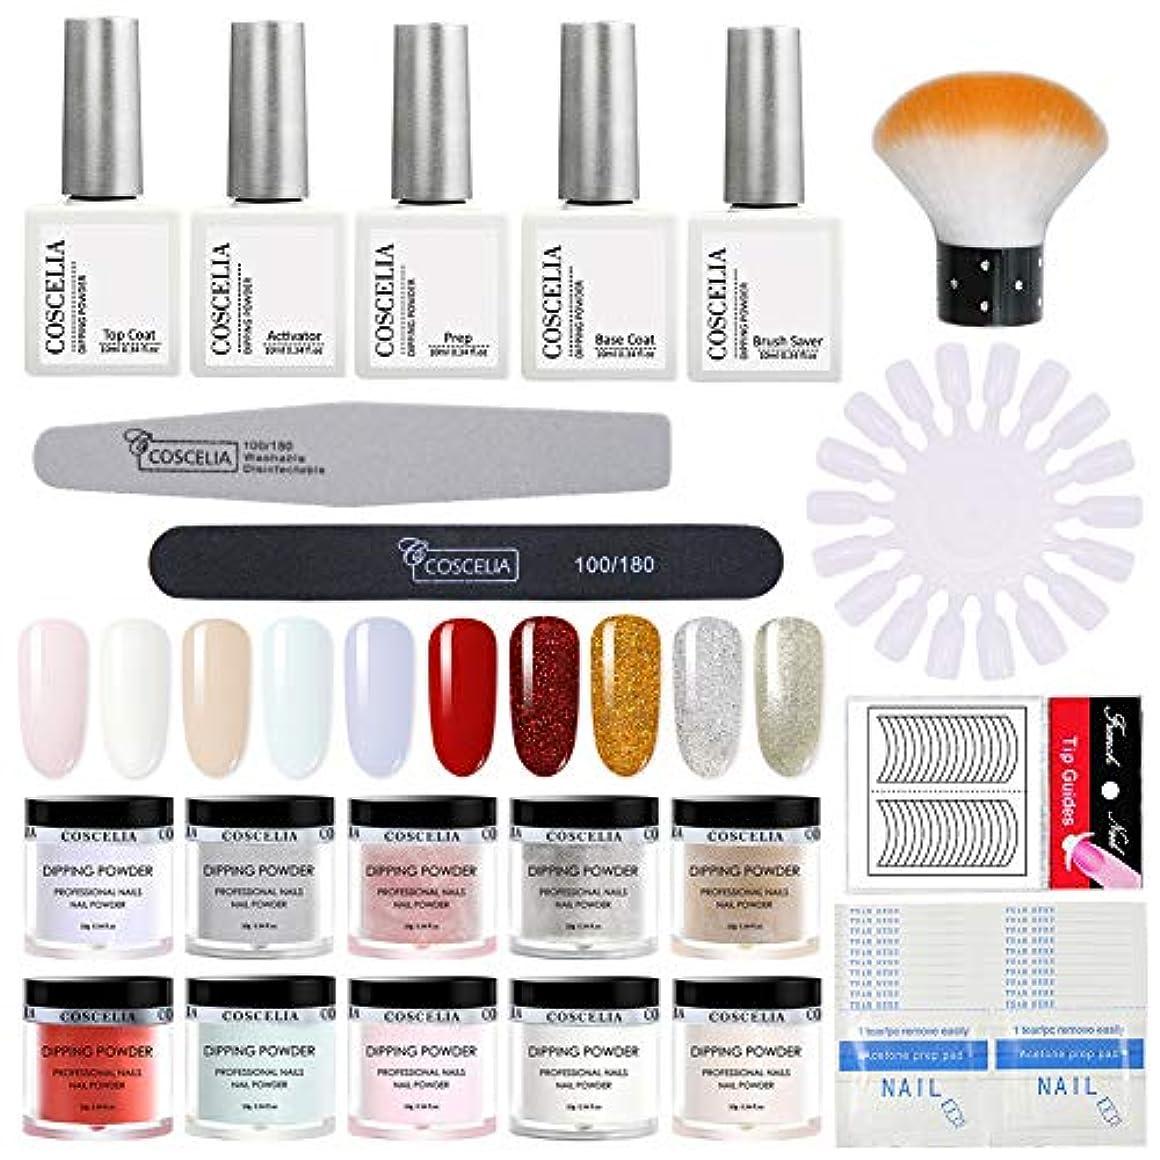 フェッチエレベーター改革浸漬パウダーカラー ディッピングパウダー 10色ネイルパウダーセット UV/LEDライトを必要がない ネイルデザインパウダー 自宅ネイル セルフネイルキット